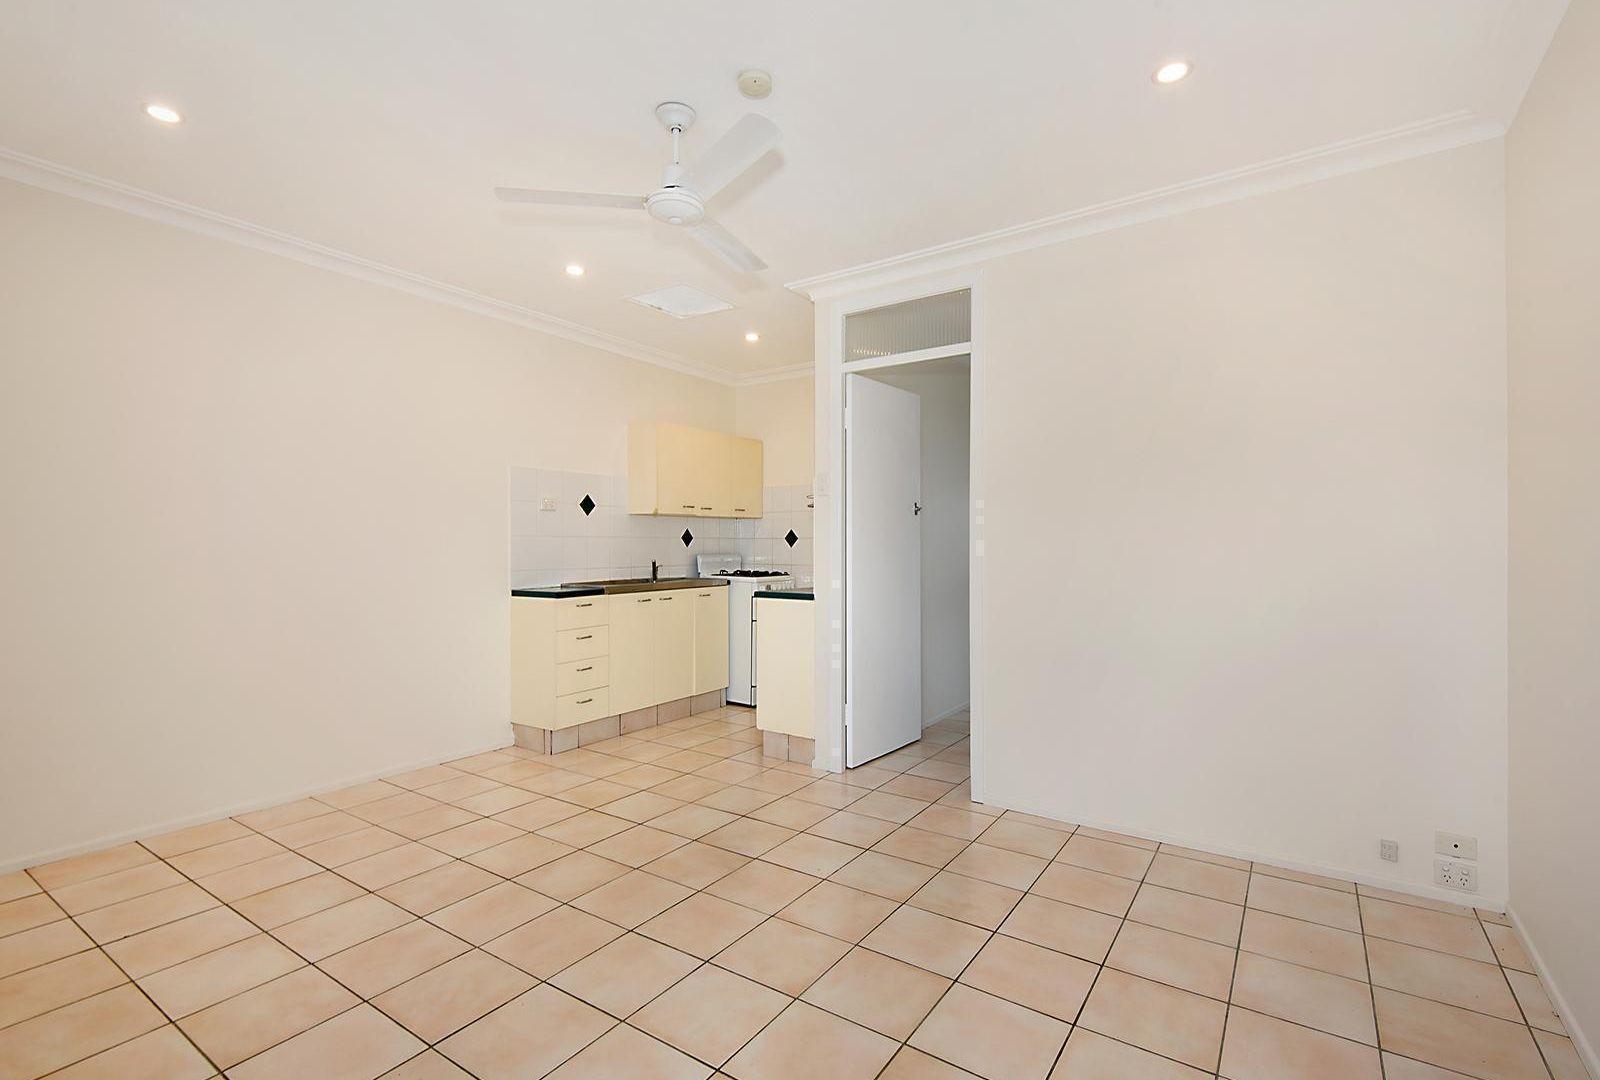 8/129 Merthyr Road, New Farm QLD 4005, Image 1